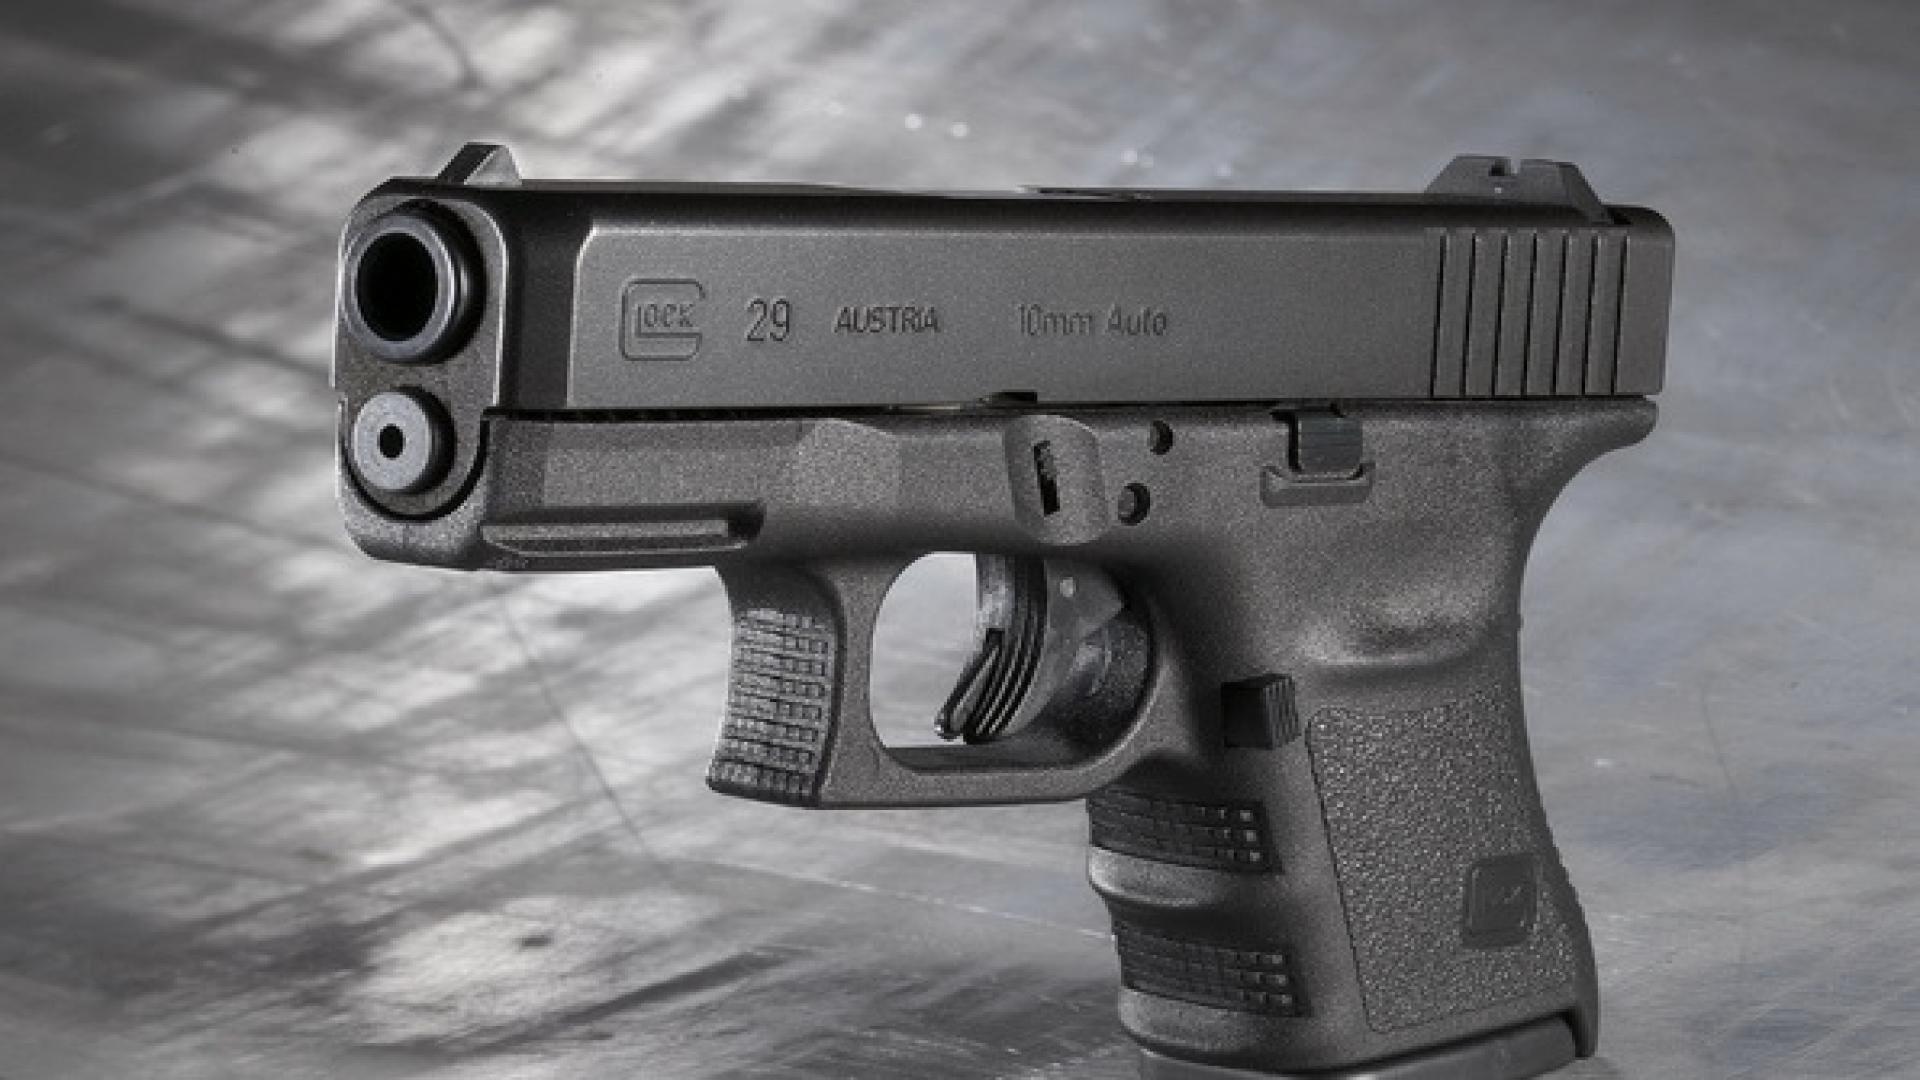 Glock 19 wallpaper desktop 49 images - Glock wallpaper ...